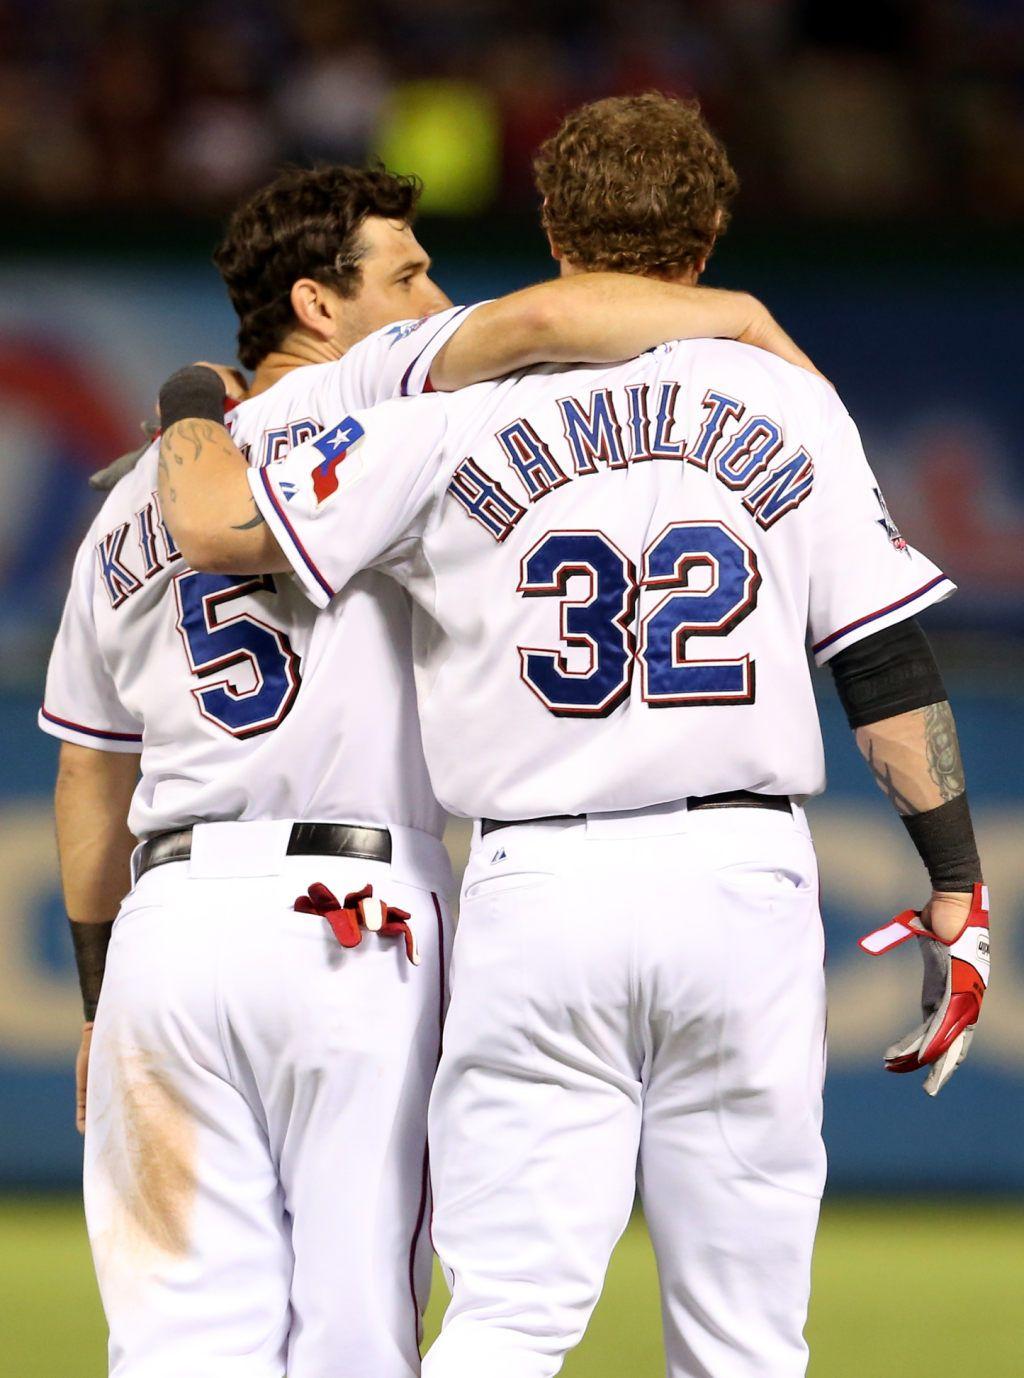 new arrival bcd06 3490d Ian Kinsler and Josh Hamilton of the Texas Rangers talk as ...